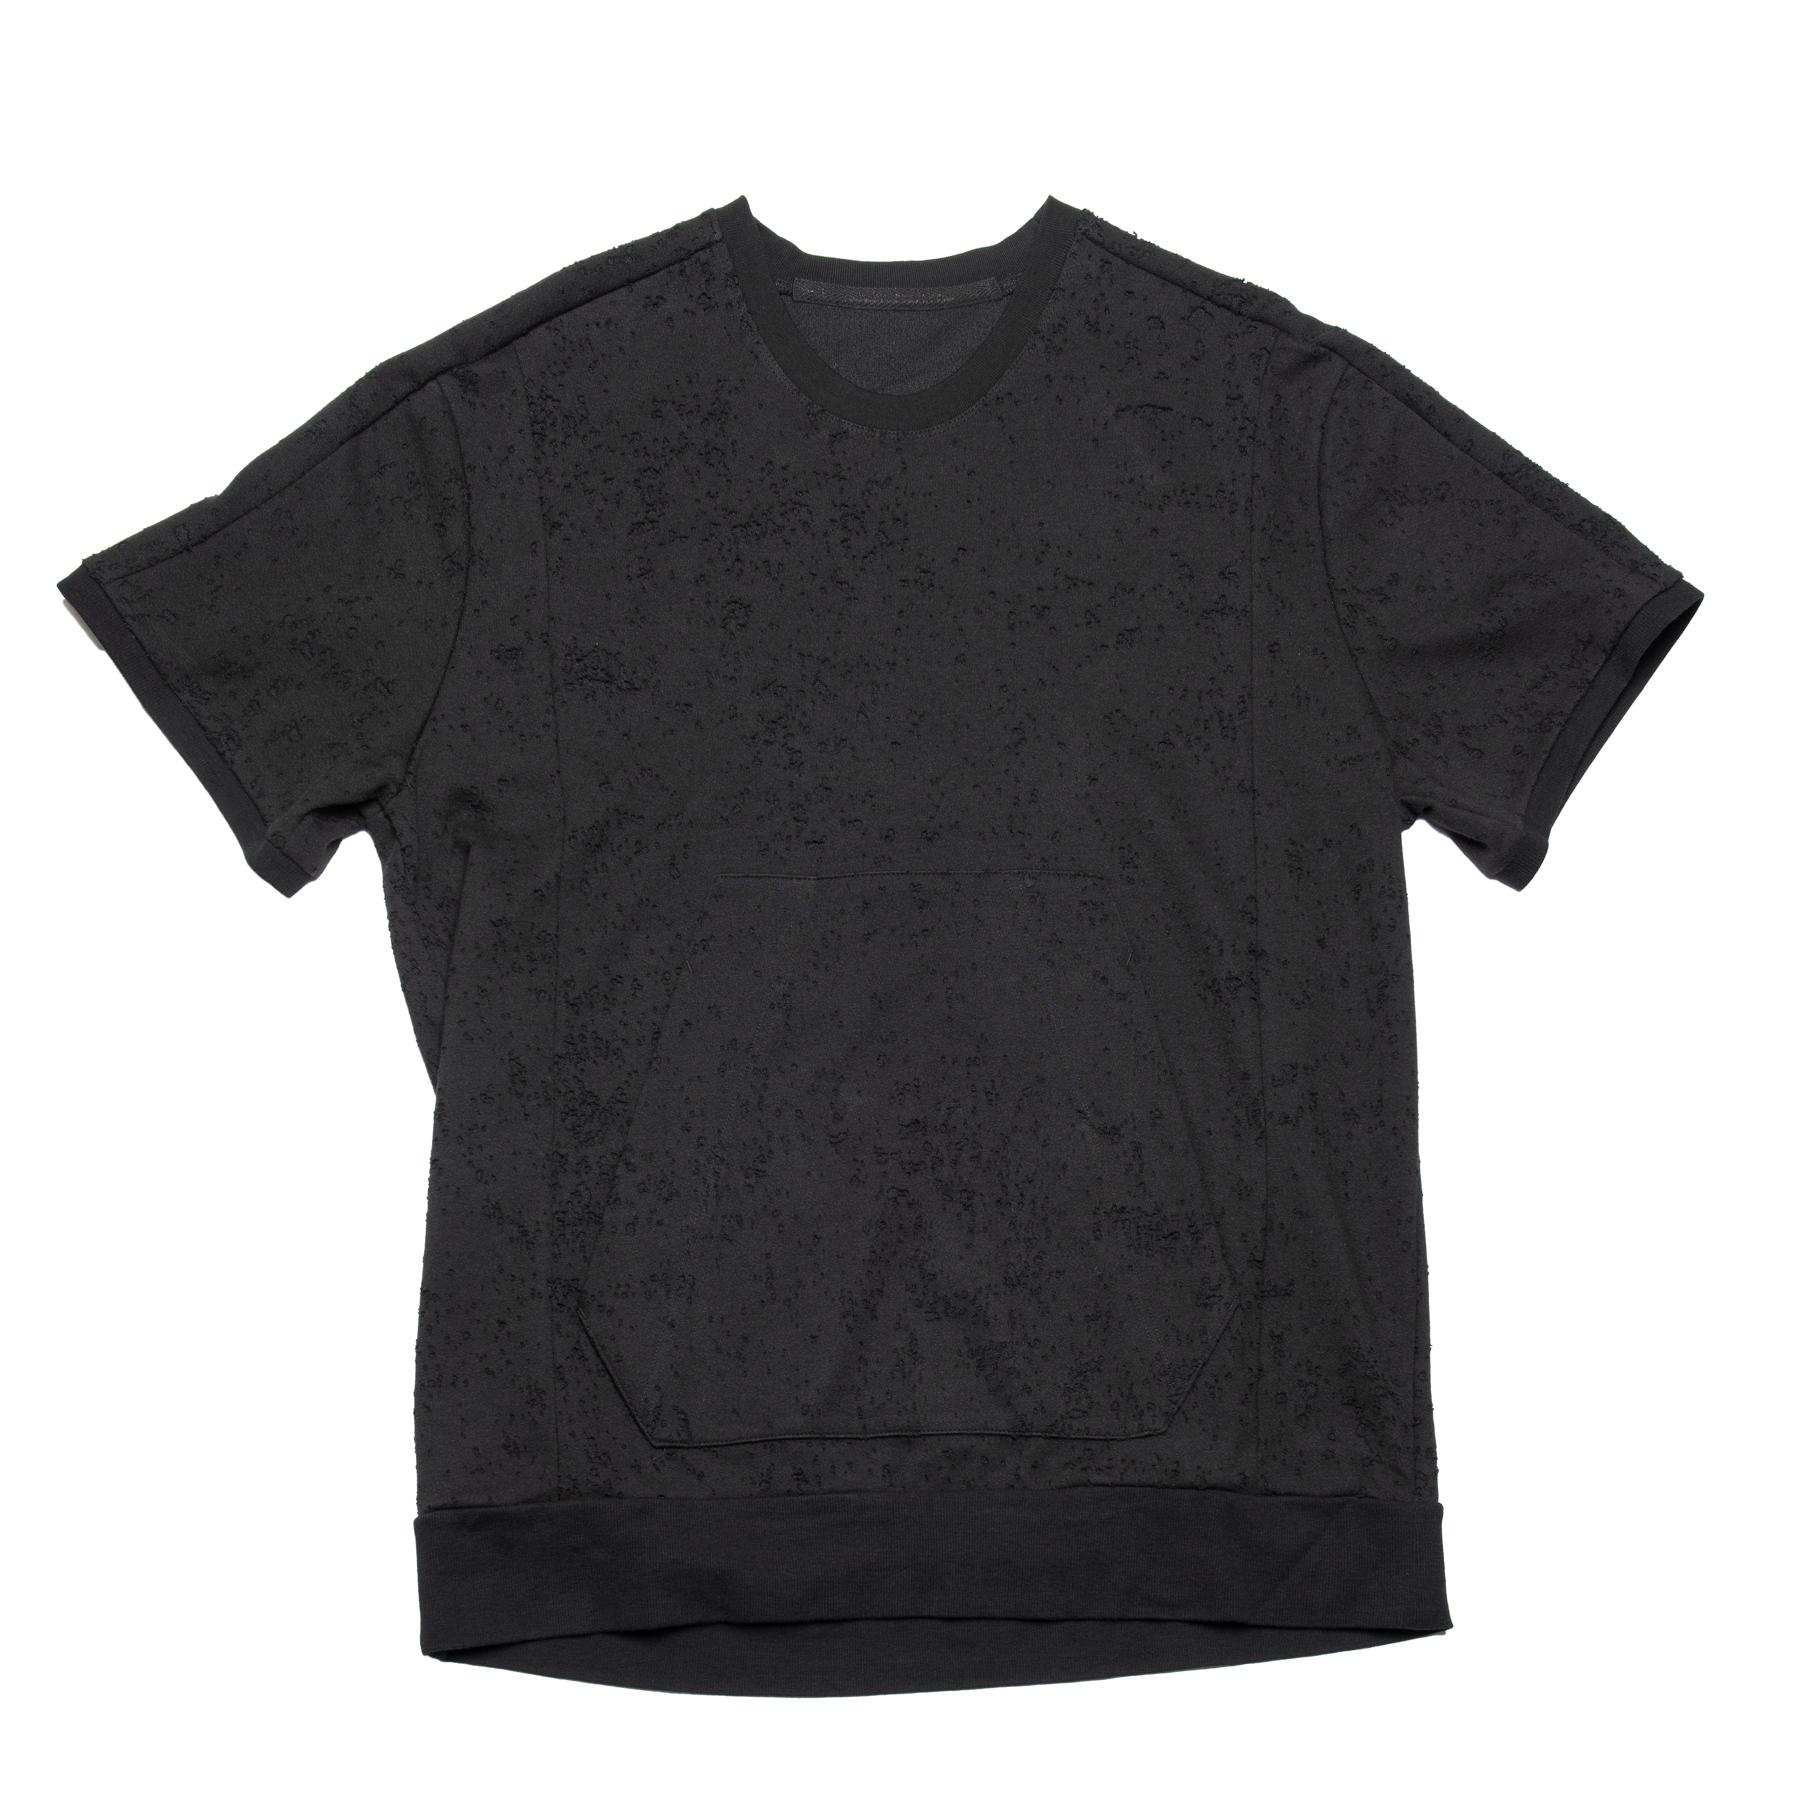 637CUM19-BLACK / ダメージド カンガルーポケット T-シャツ